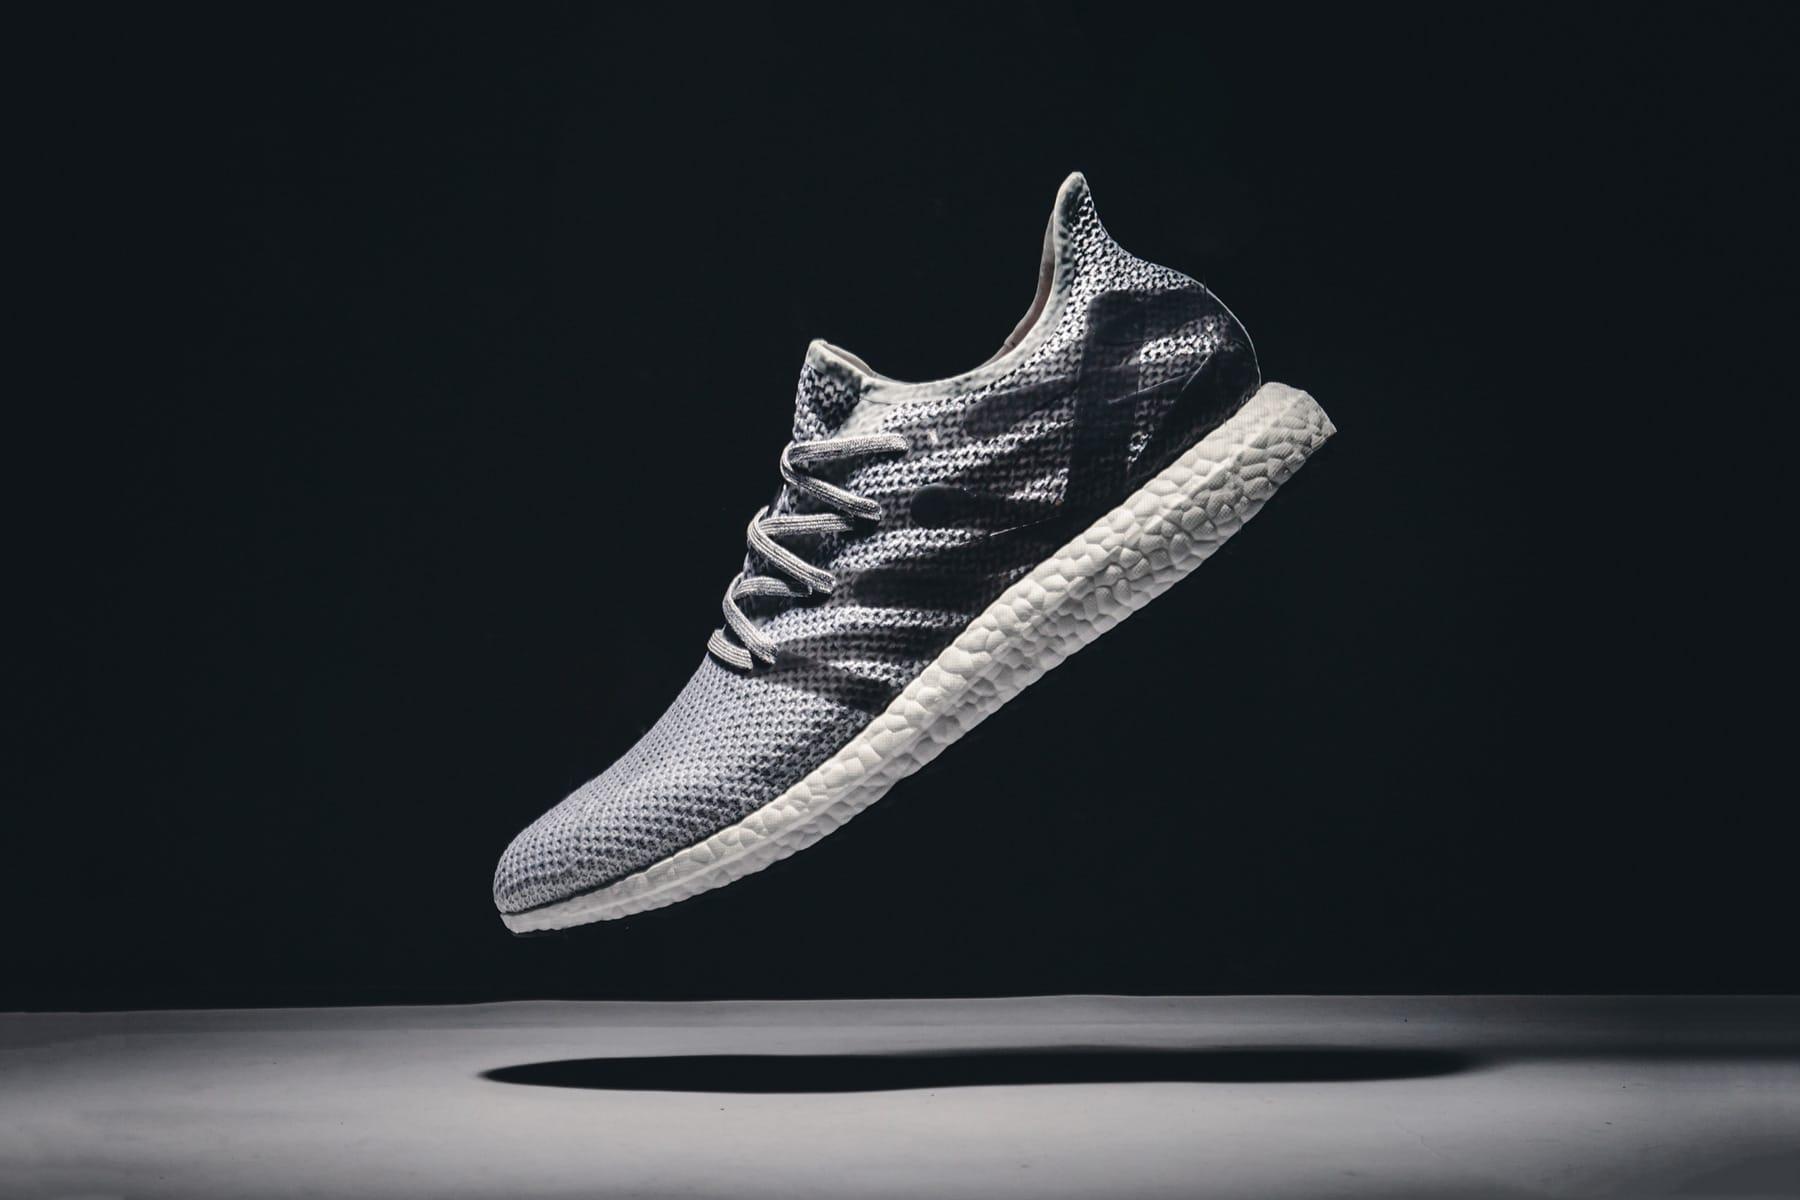 adidas SPEEDFACTORY and Futurecraft